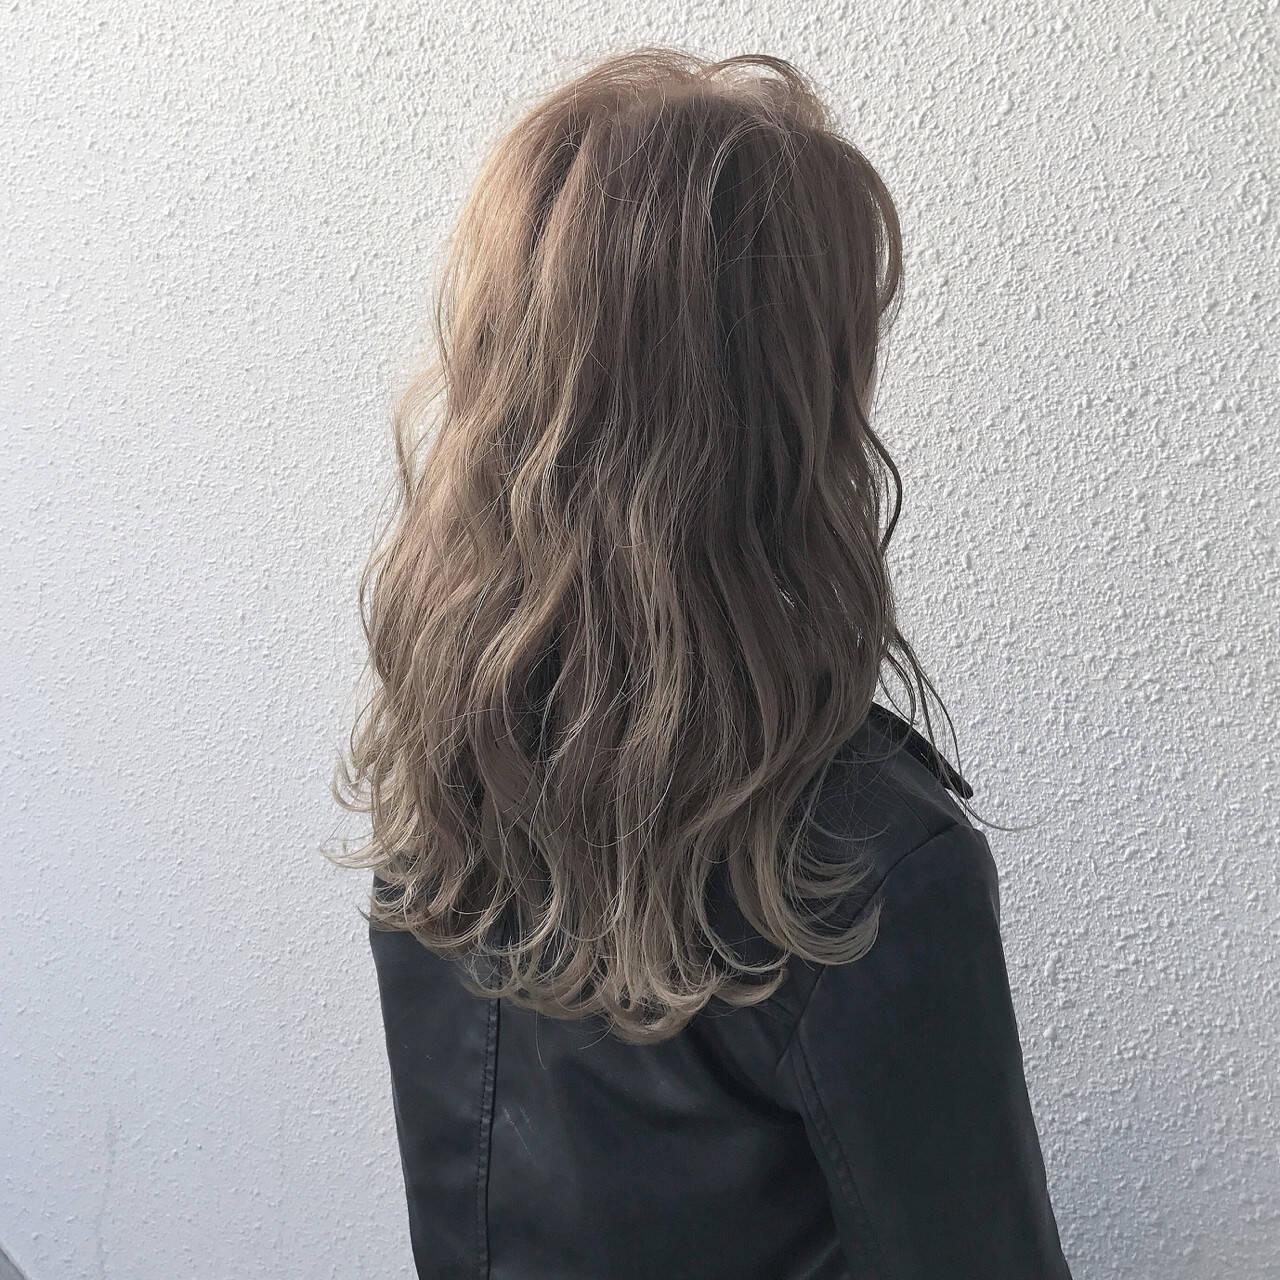 ストリート グレージュ アッシュベージュ アッシュグレージュヘアスタイルや髪型の写真・画像